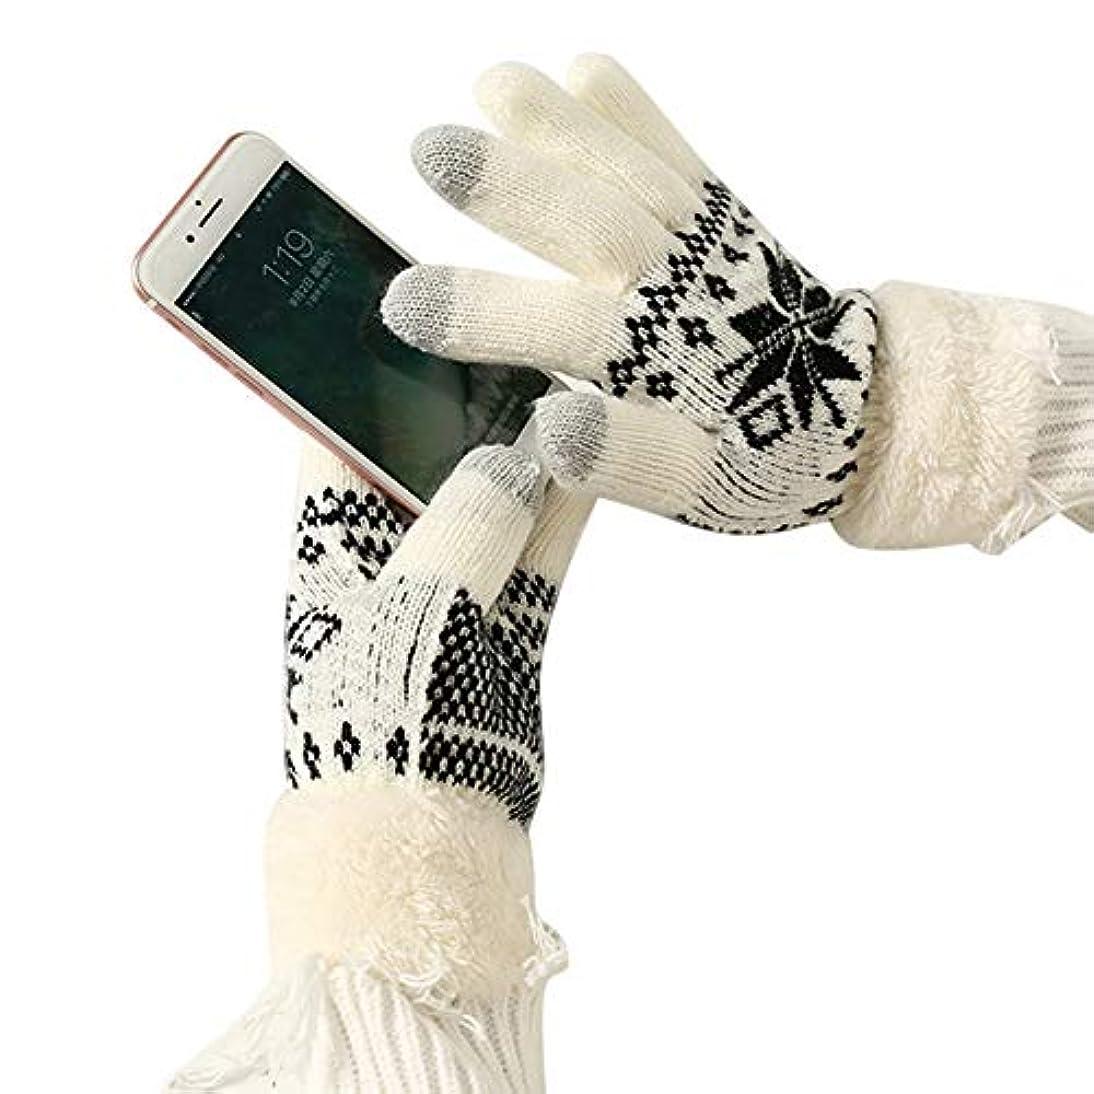 直接モスク流体Tengfly女性タッチスクリーングローブ、冬暖かいニットグローブ、柔らかい余分な暖かいフリースタッチスクリーングローブ、女性のための雪の花編み肥厚冬屋外2019新しいクリスマスギフト